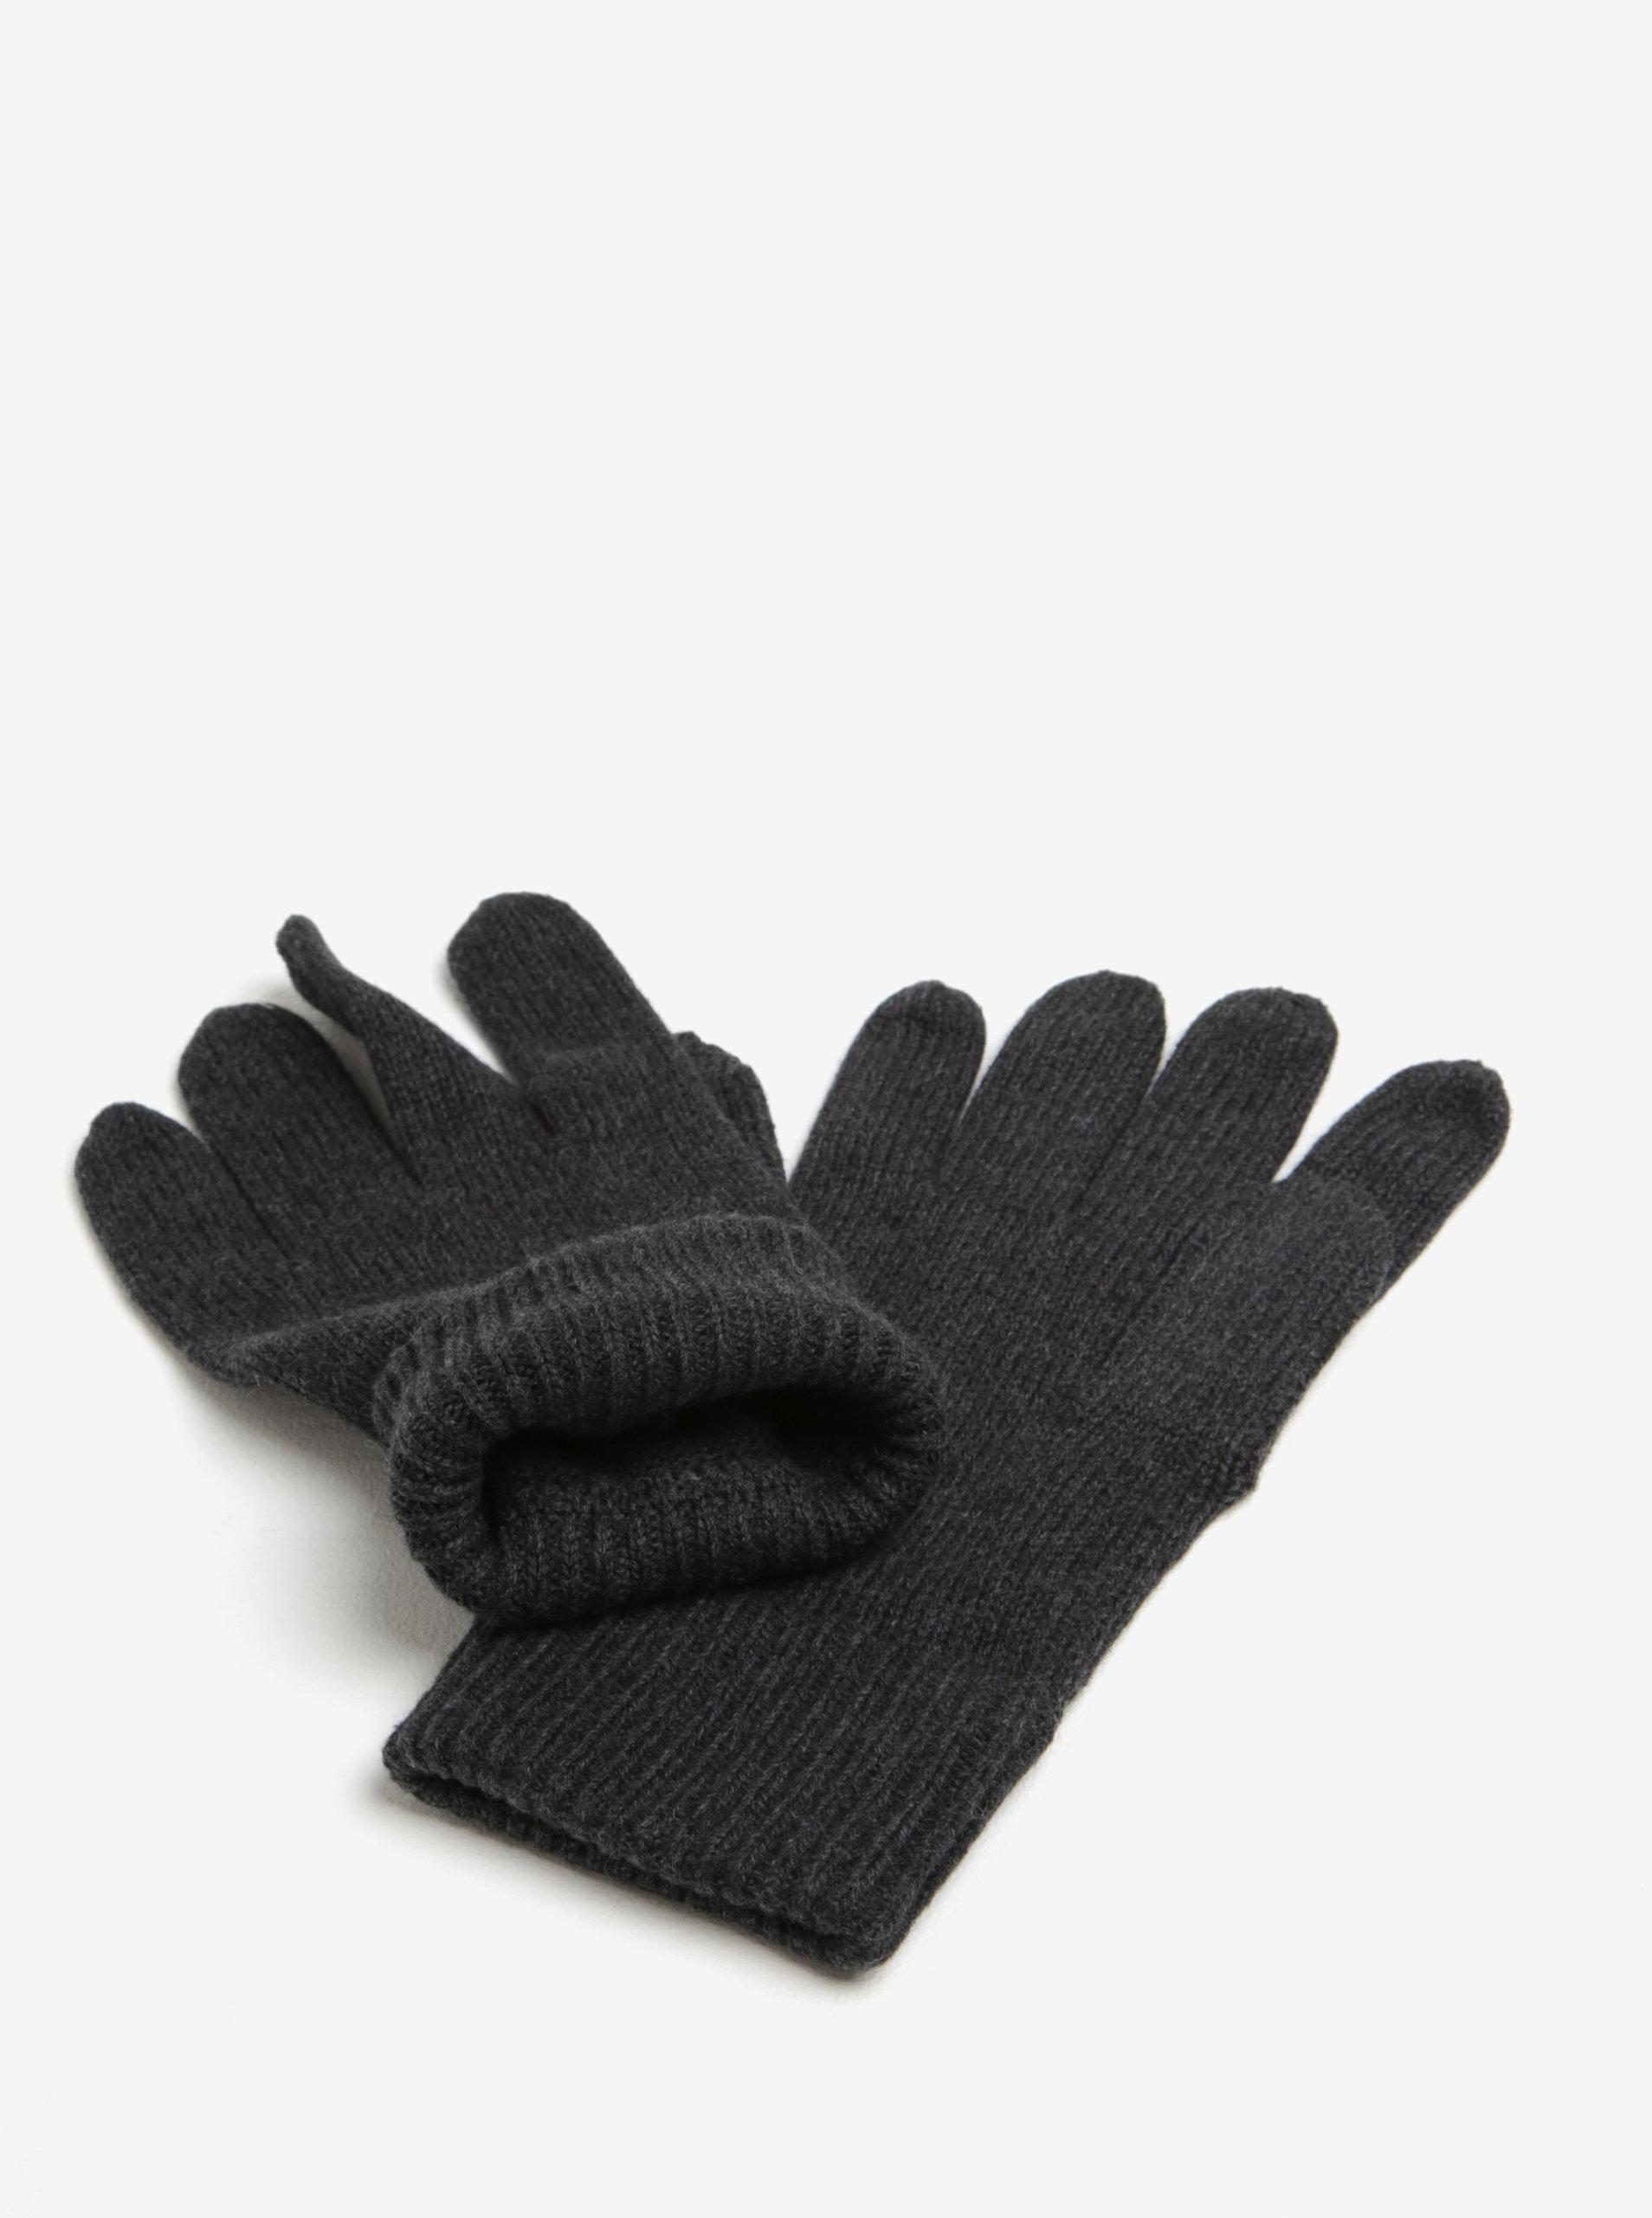 19808b7d373 Tmavě šedé pánské rukavice Tommy Hilfiger ...